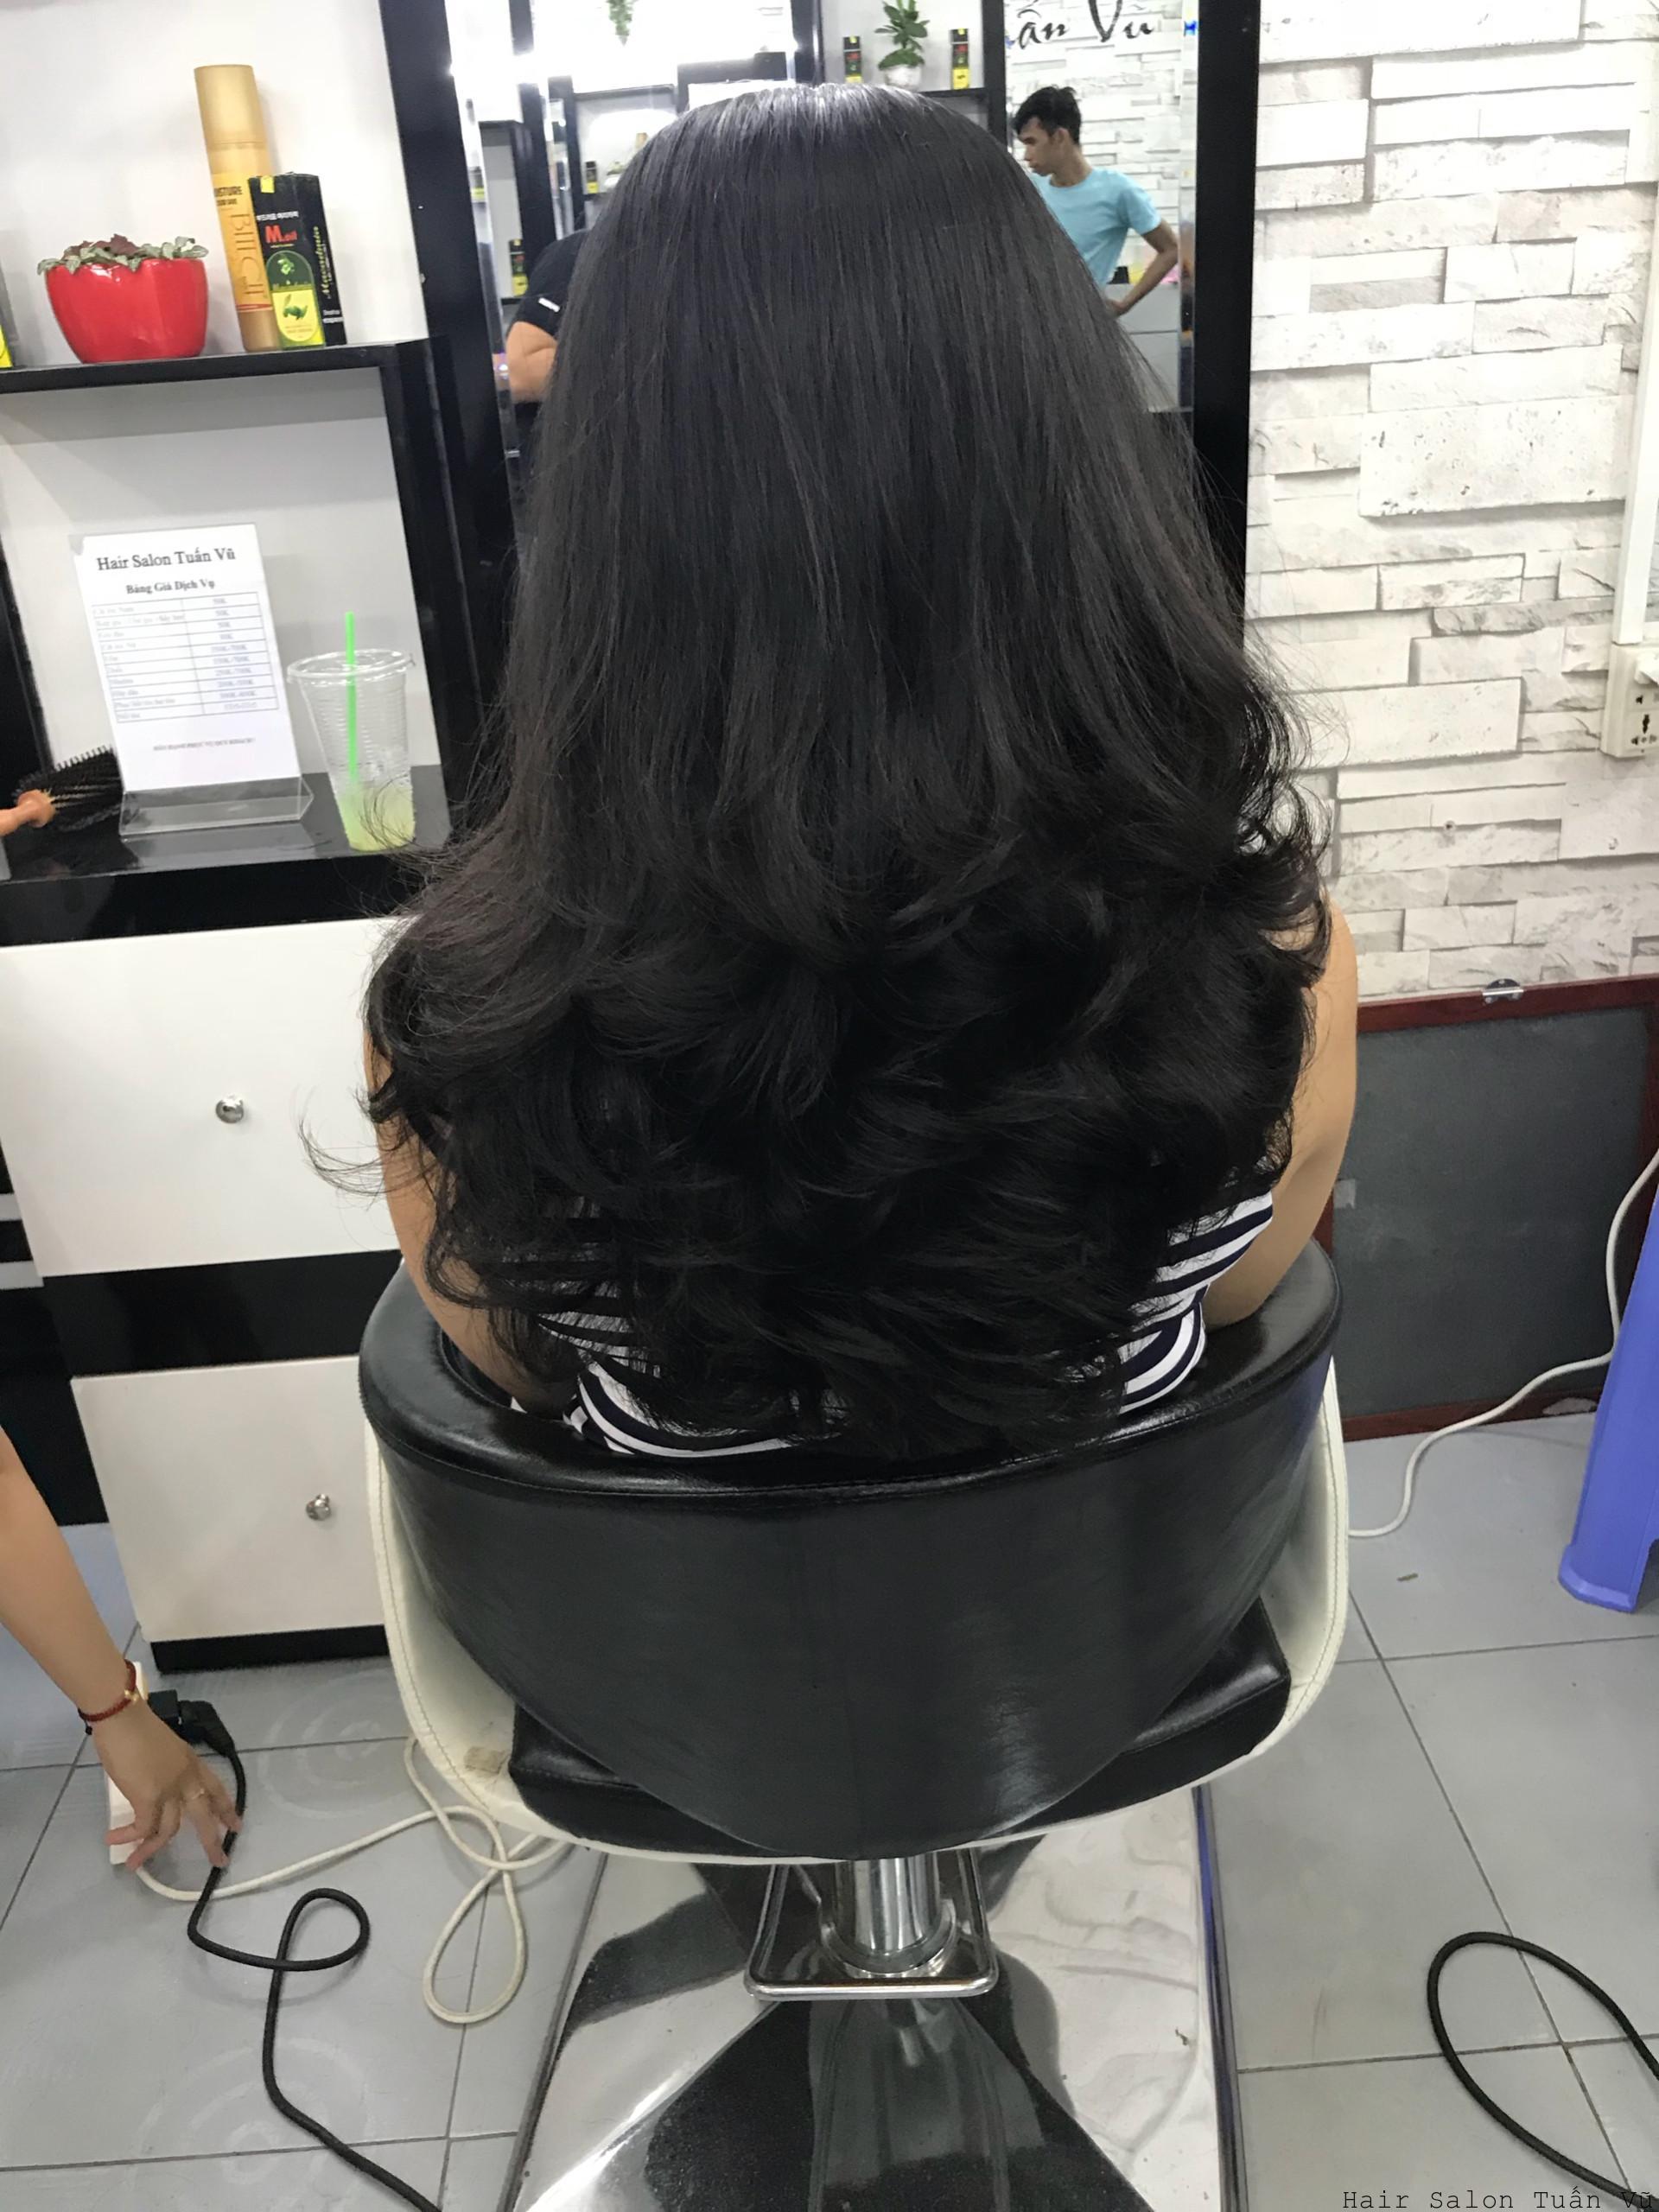 uốn tóc giá rẻ tại hcm